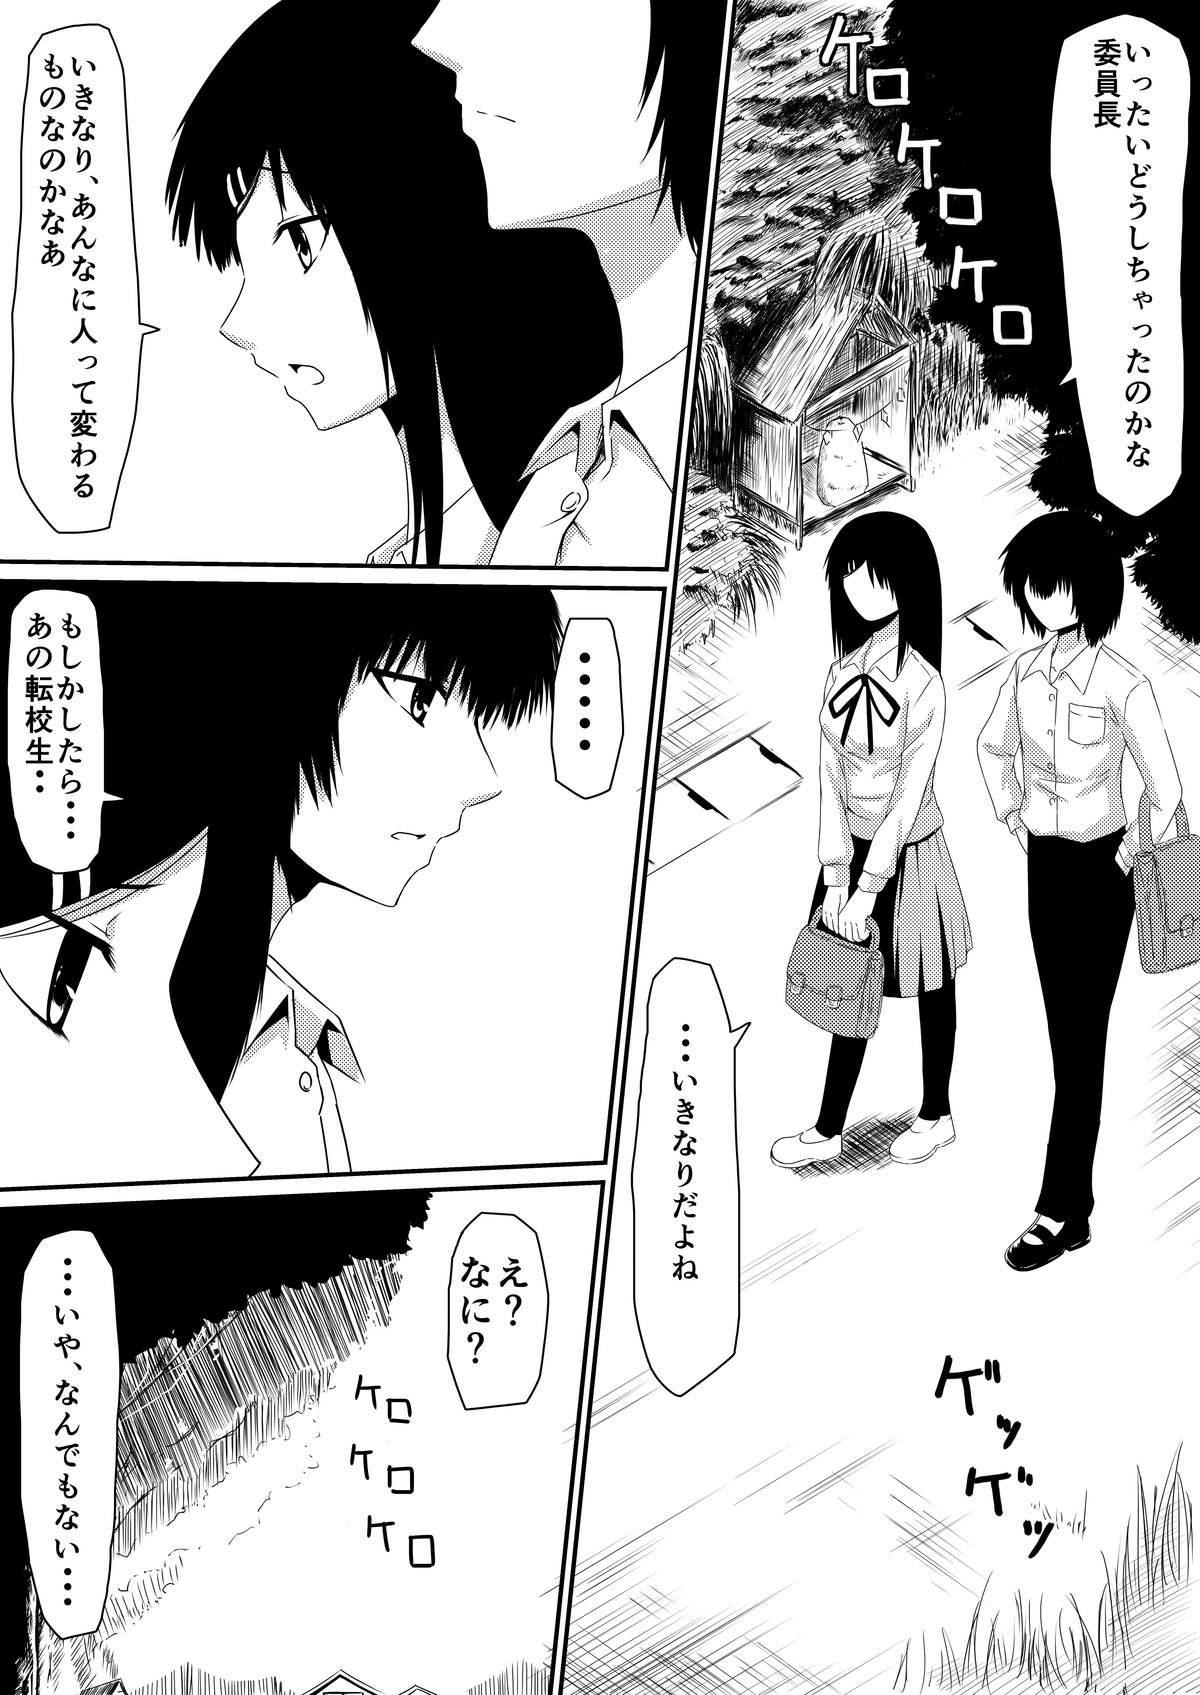 [Mikezoutei] Mashou no Chinko o Motsu Shounen ~Kare no Dankon wa Josei o Mesu e to Kaeru~ Zenpen 20